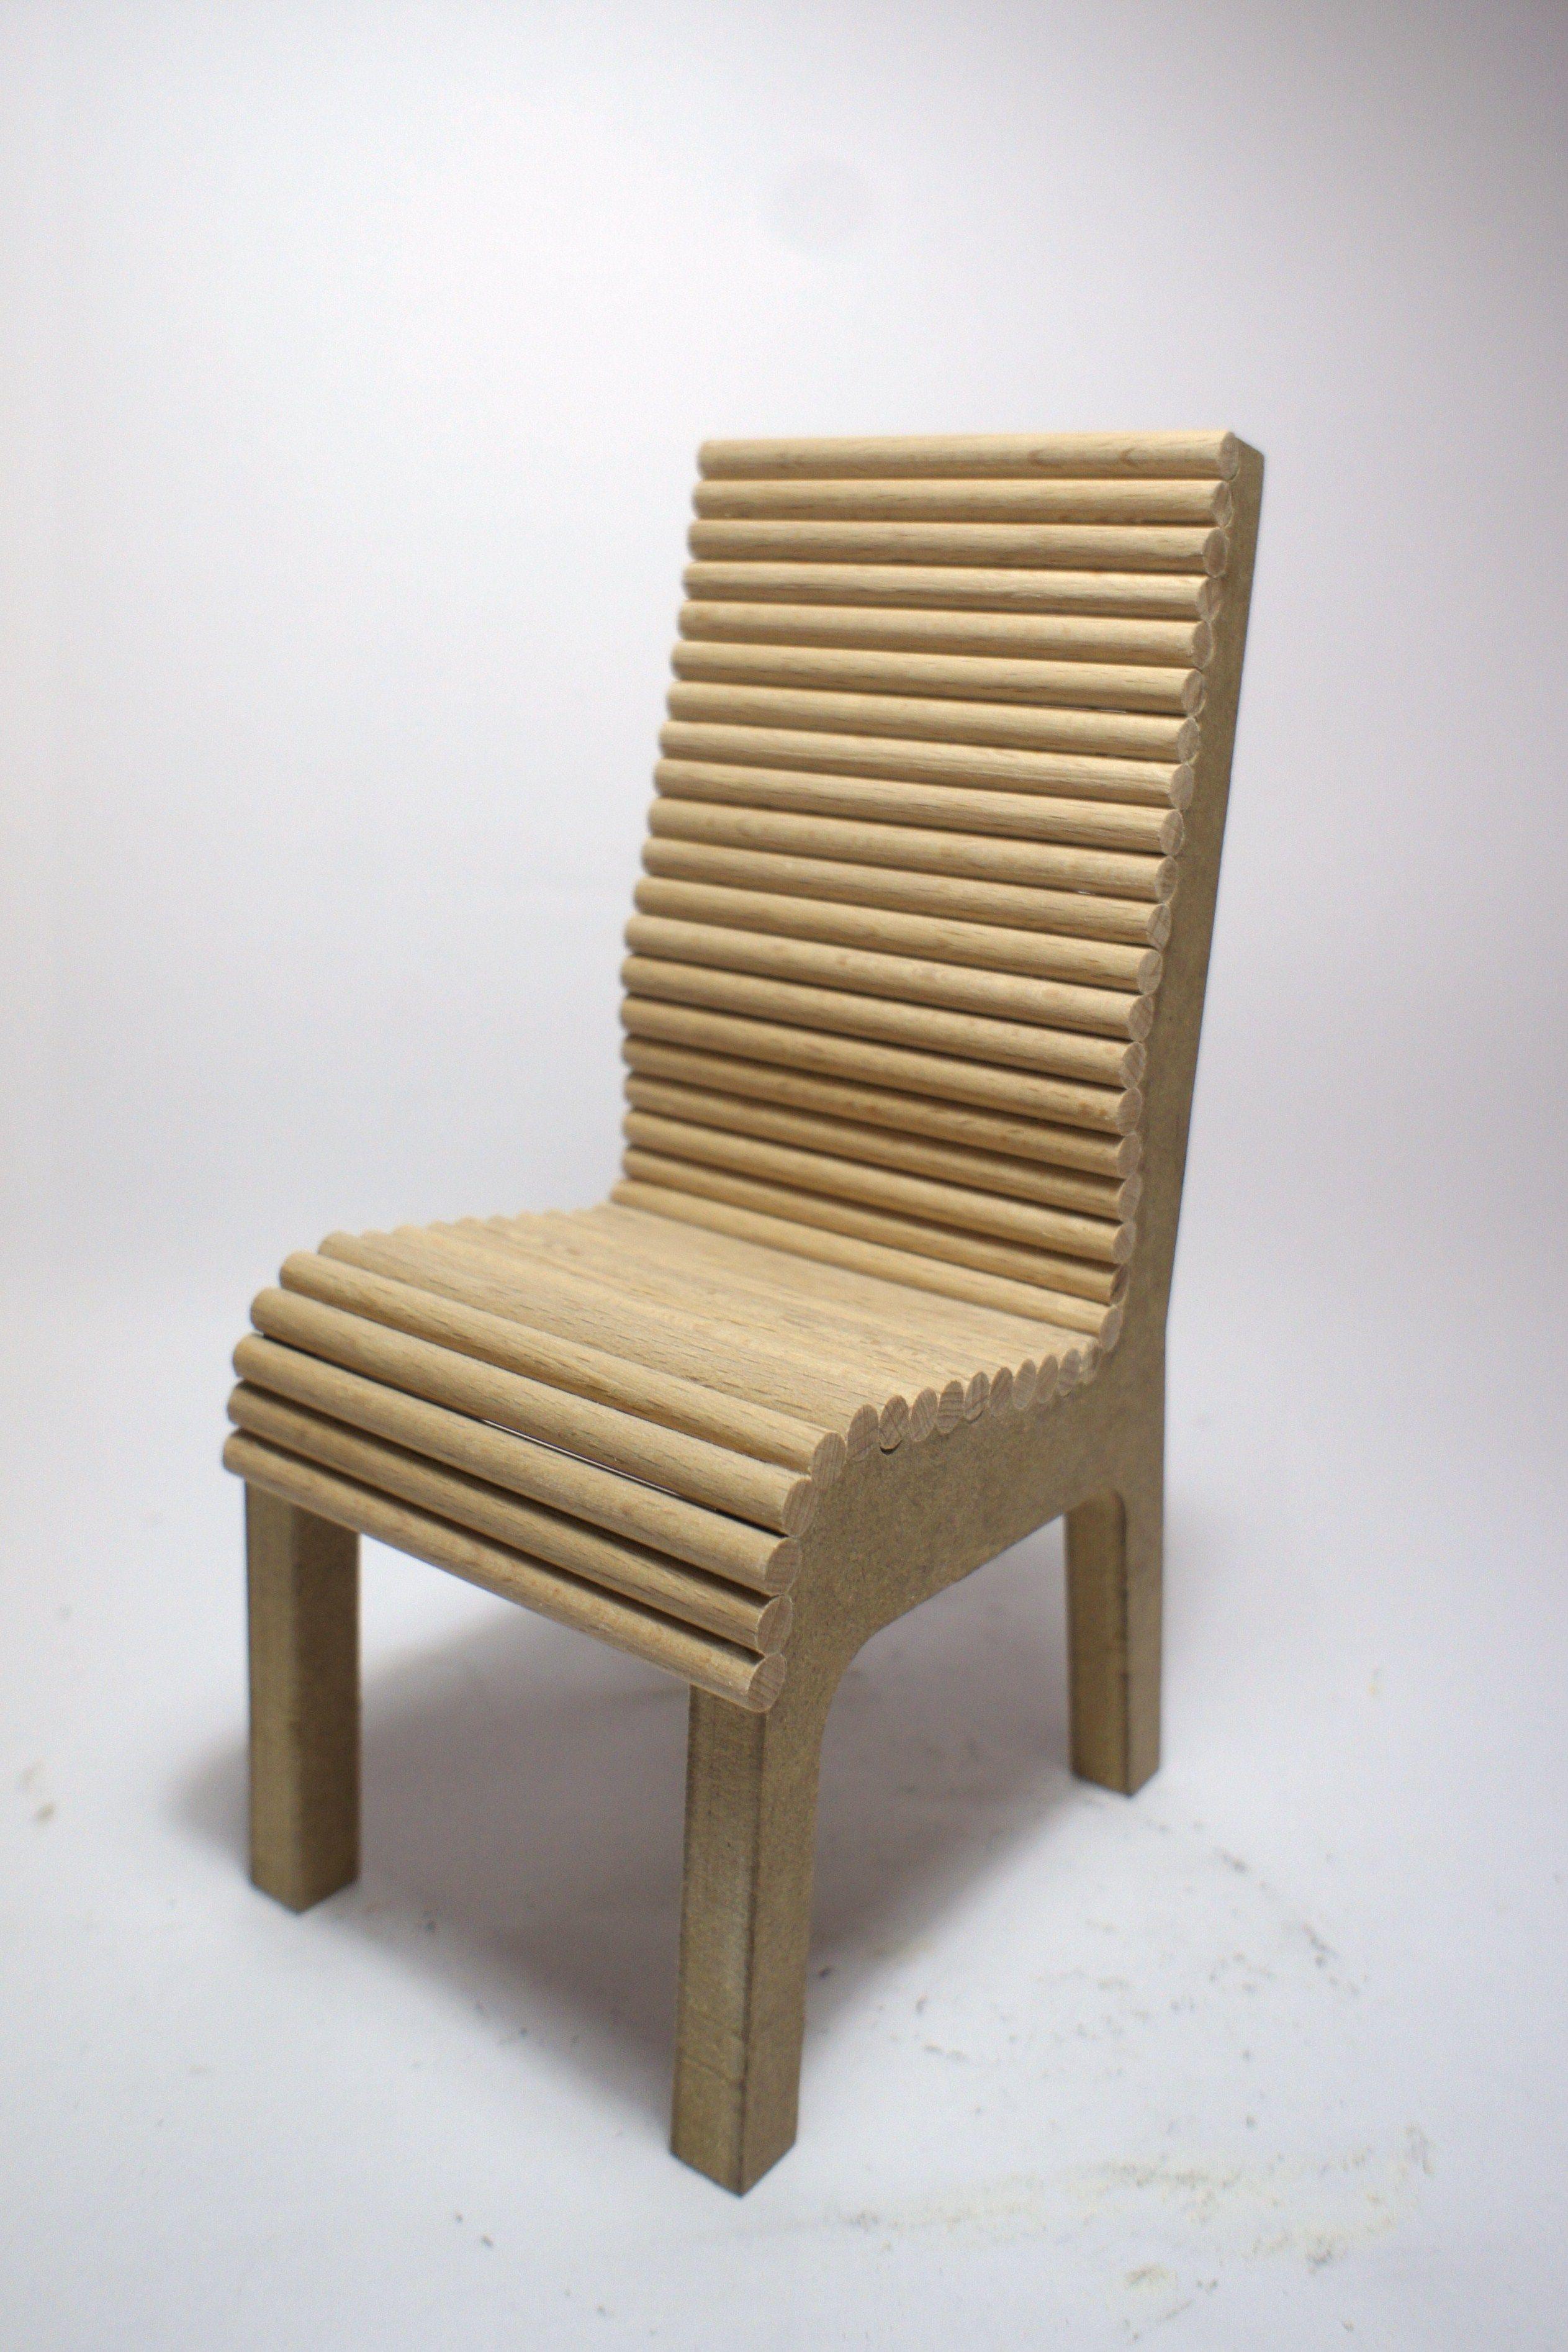 Maqueta silla ergonmica  ACCESORIOS Y MINIATURAS PARA